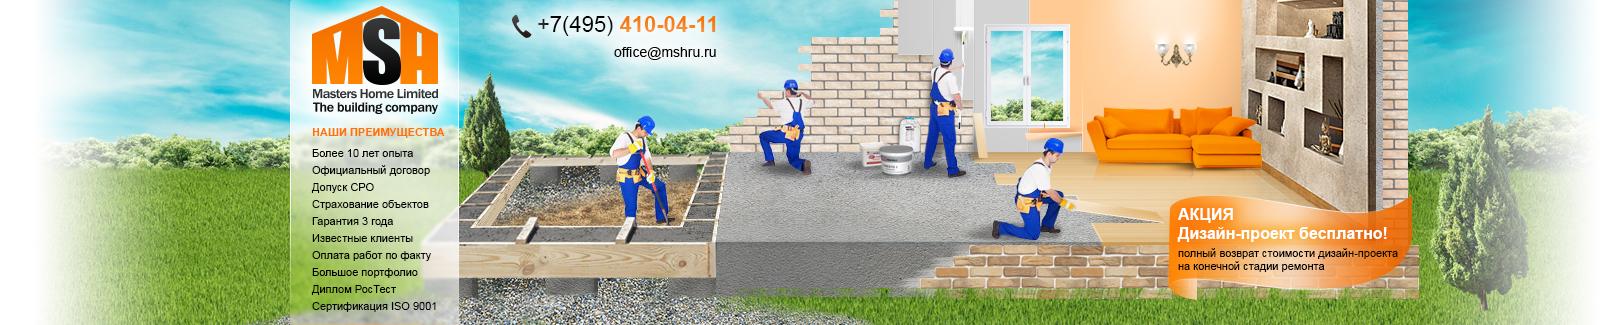 Строительство-Отделка-Интерьер (шапка сайта)